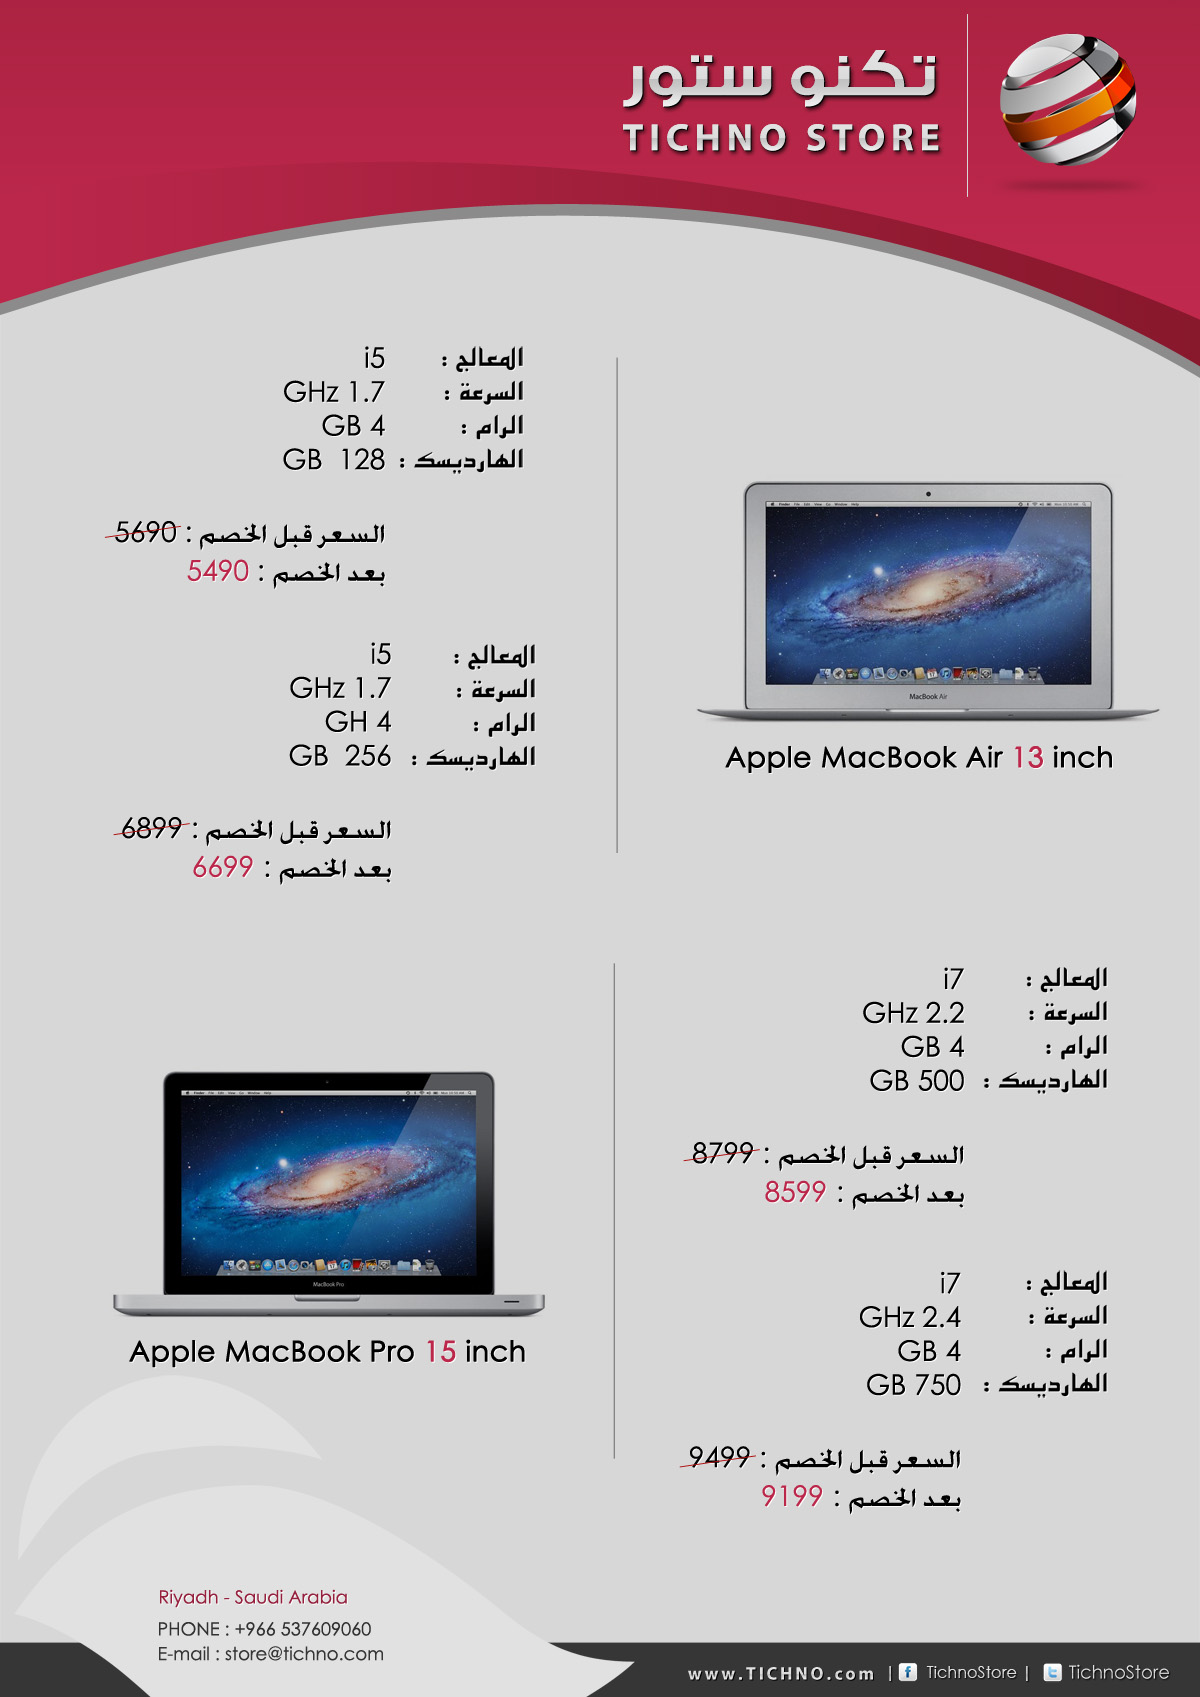 عروض خاصة على اسعار الماك بوك برو والماك بوك اير في الرياض